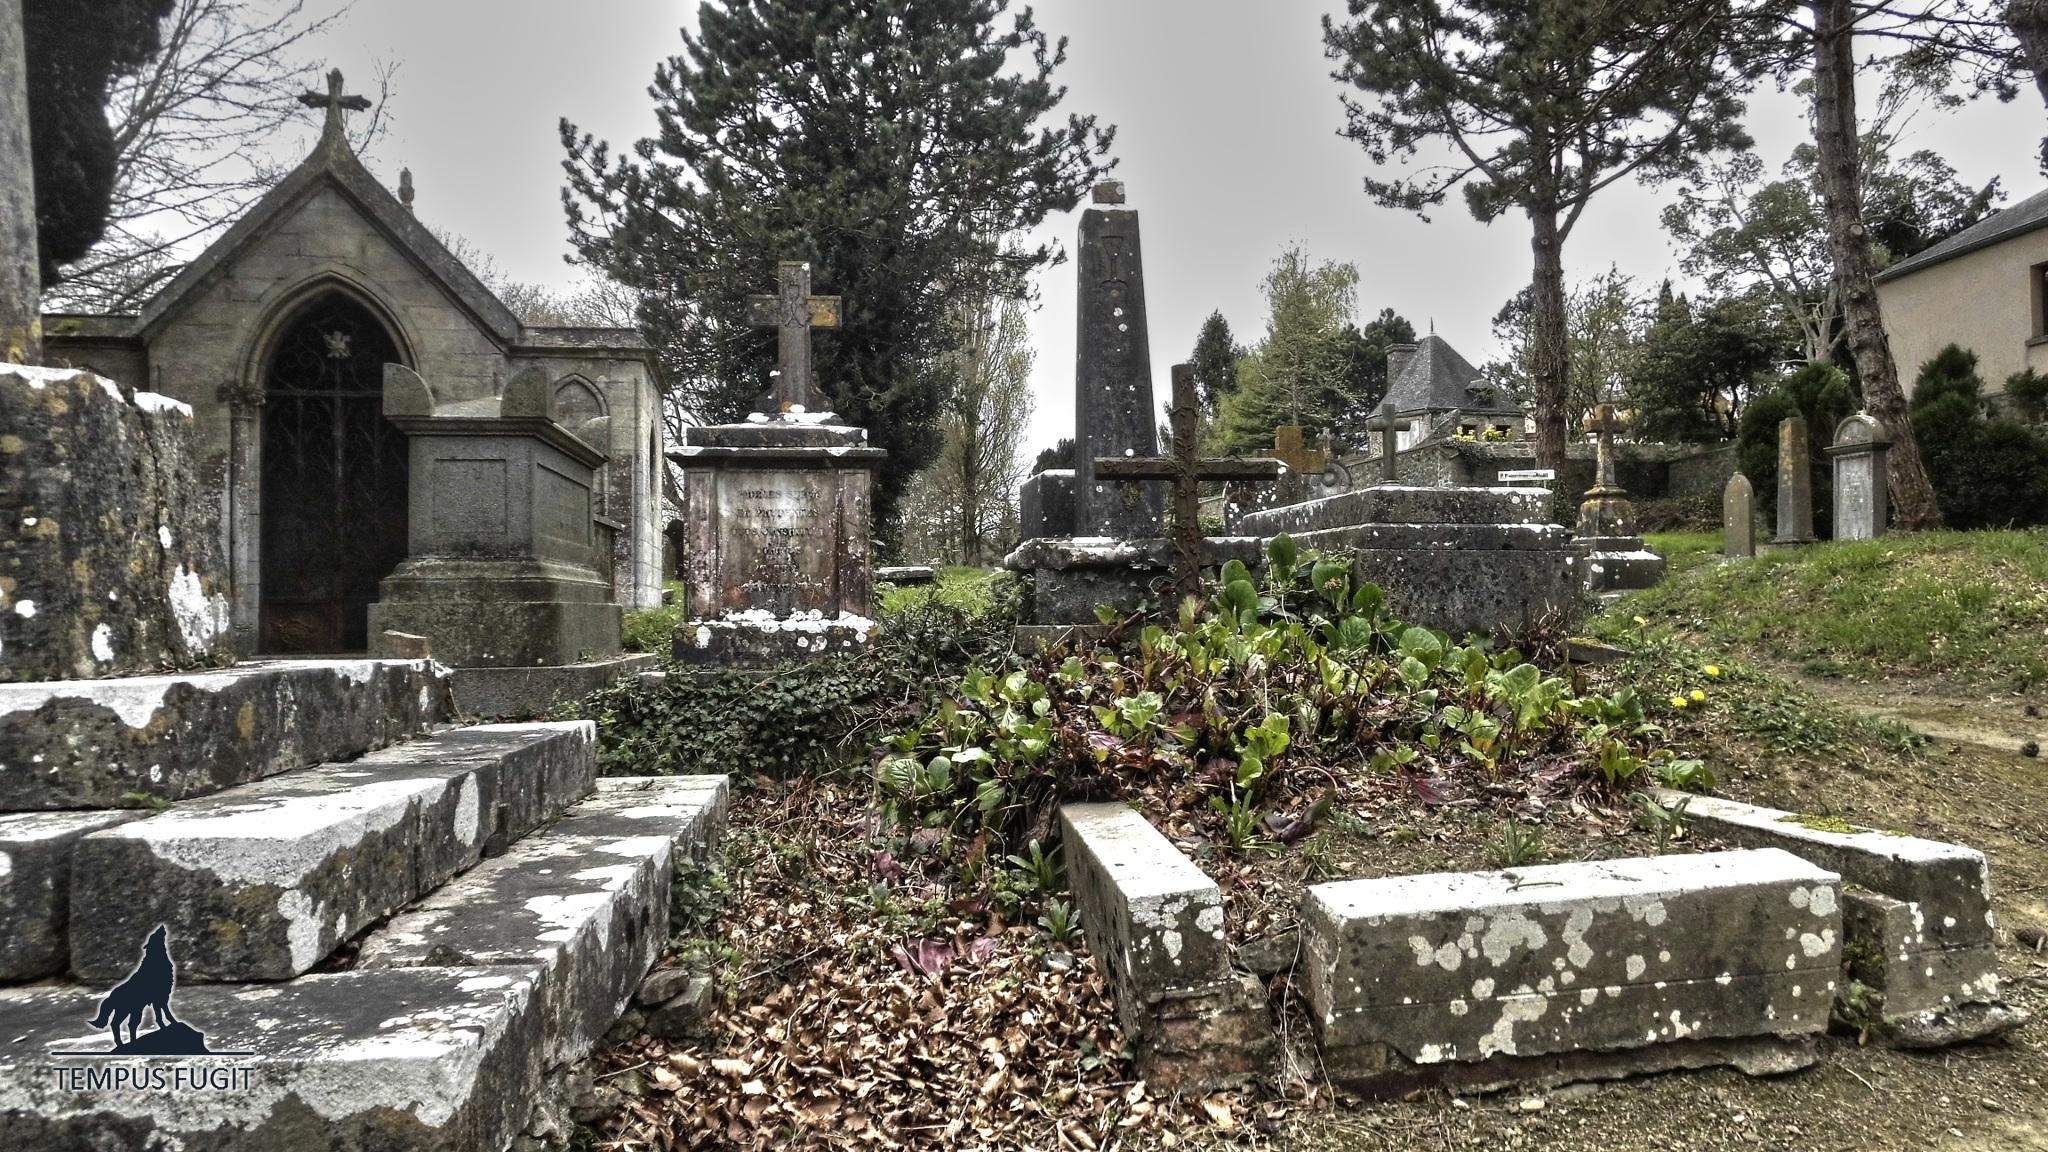 Un cimetière du XIXème siècle découvert dans un bois Urbex-cimeti%C3%A8re-abandonn%C3%A9-01